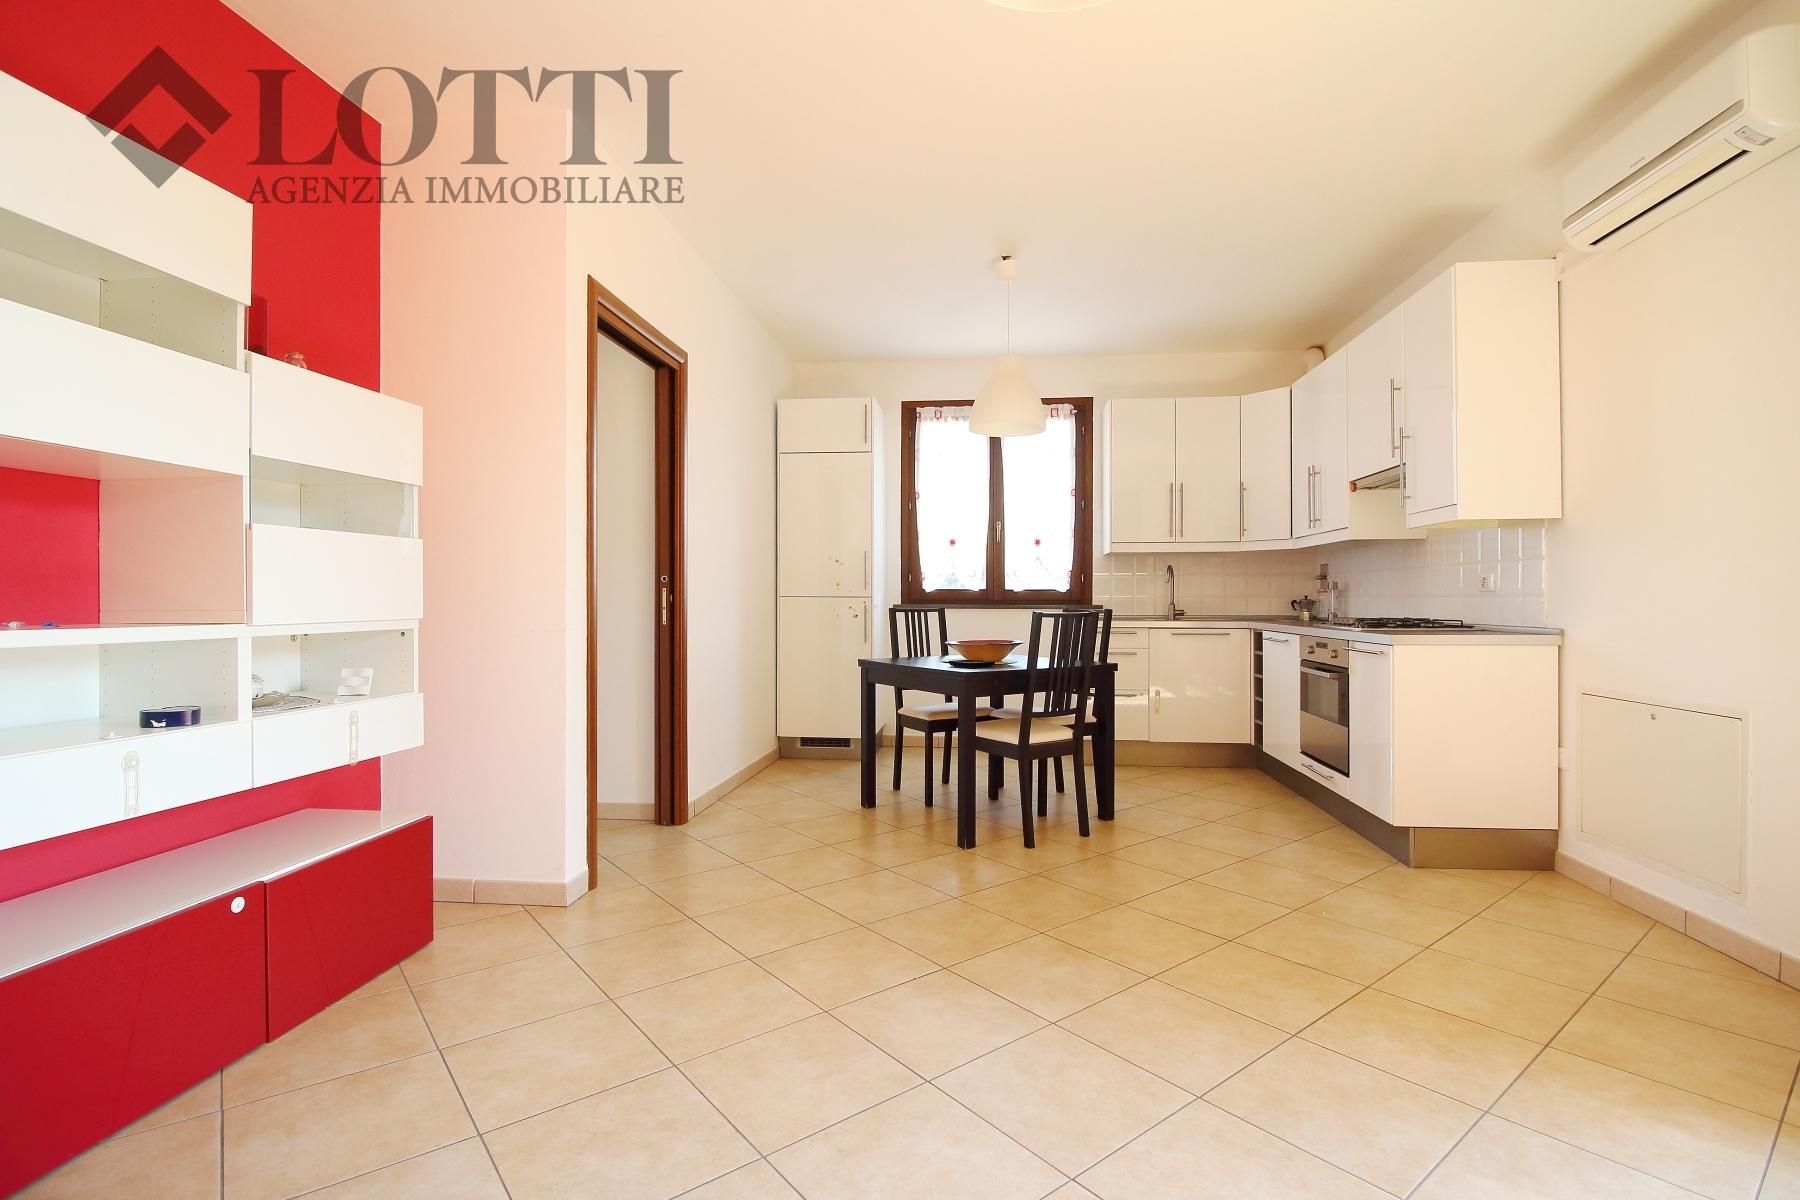 Appartamento in vendita, rif. 565